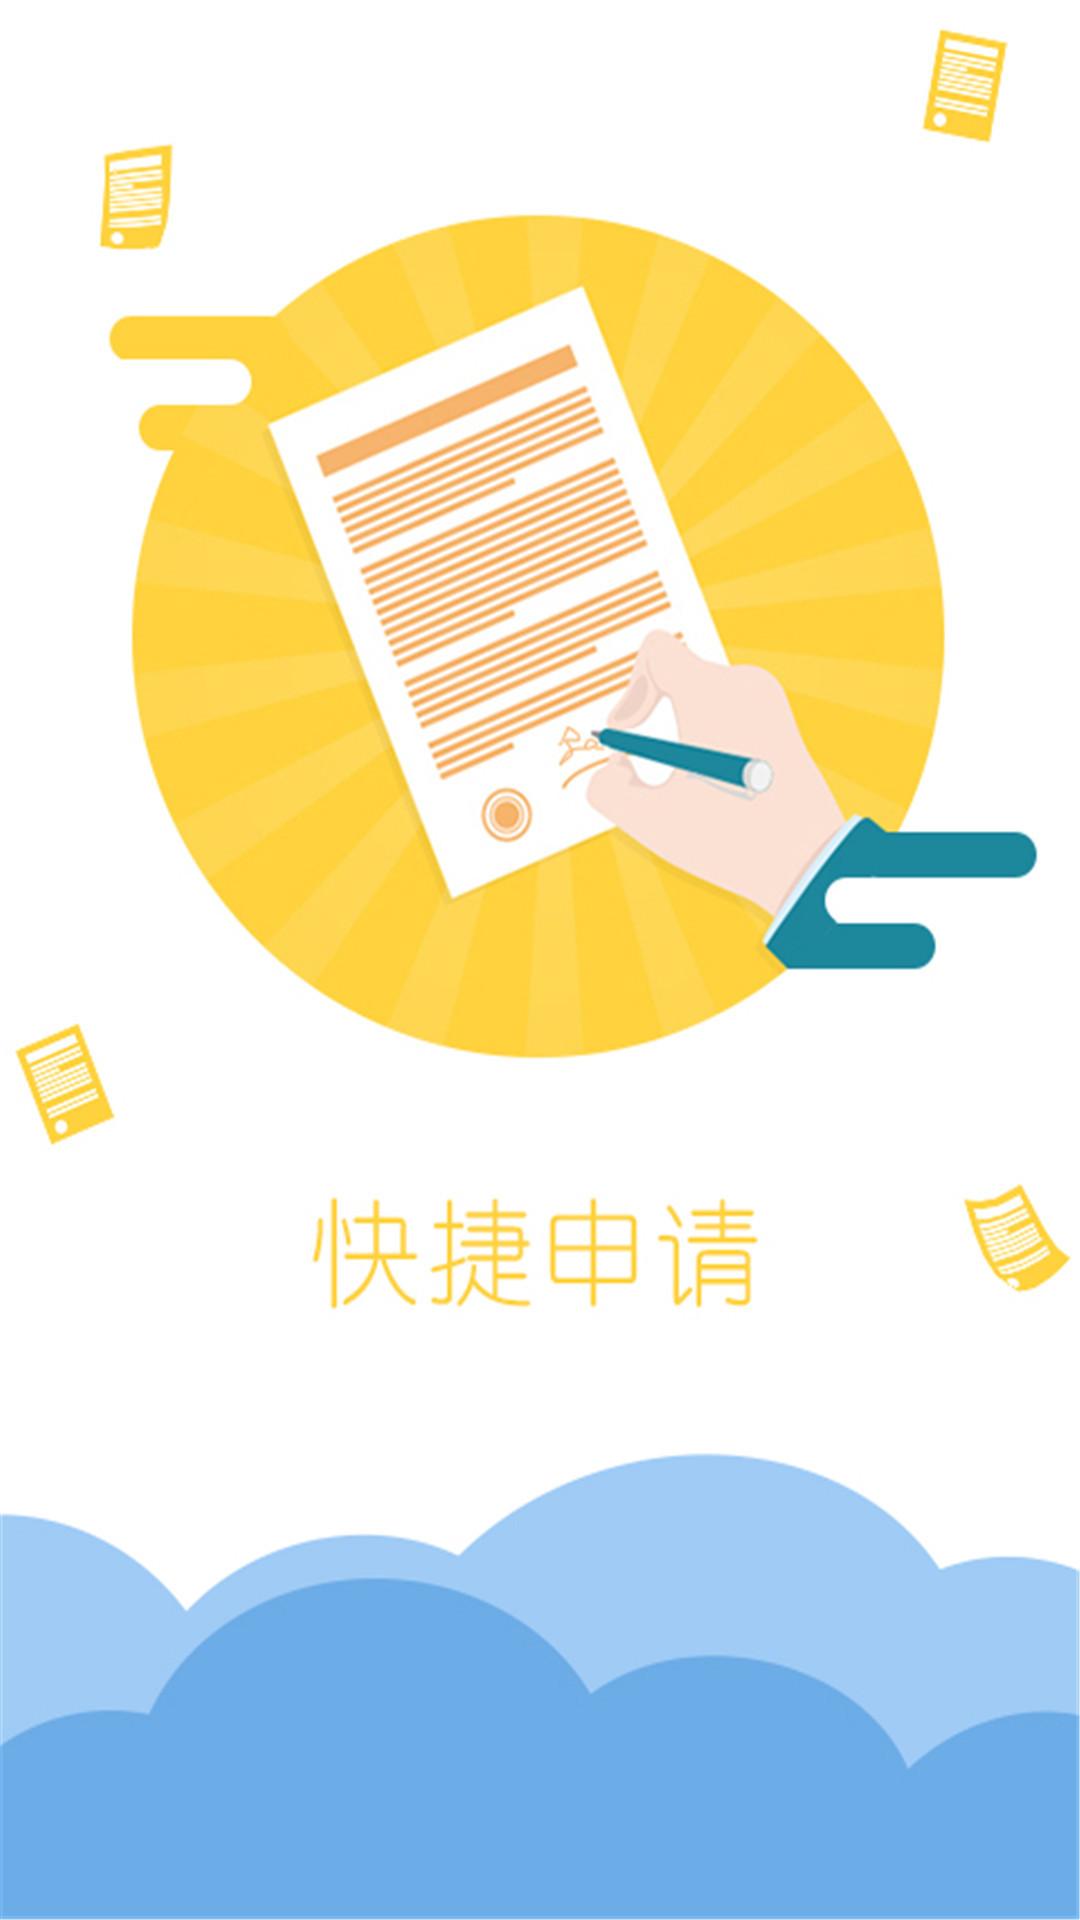 趣用贷款app借款手机版下载图片3